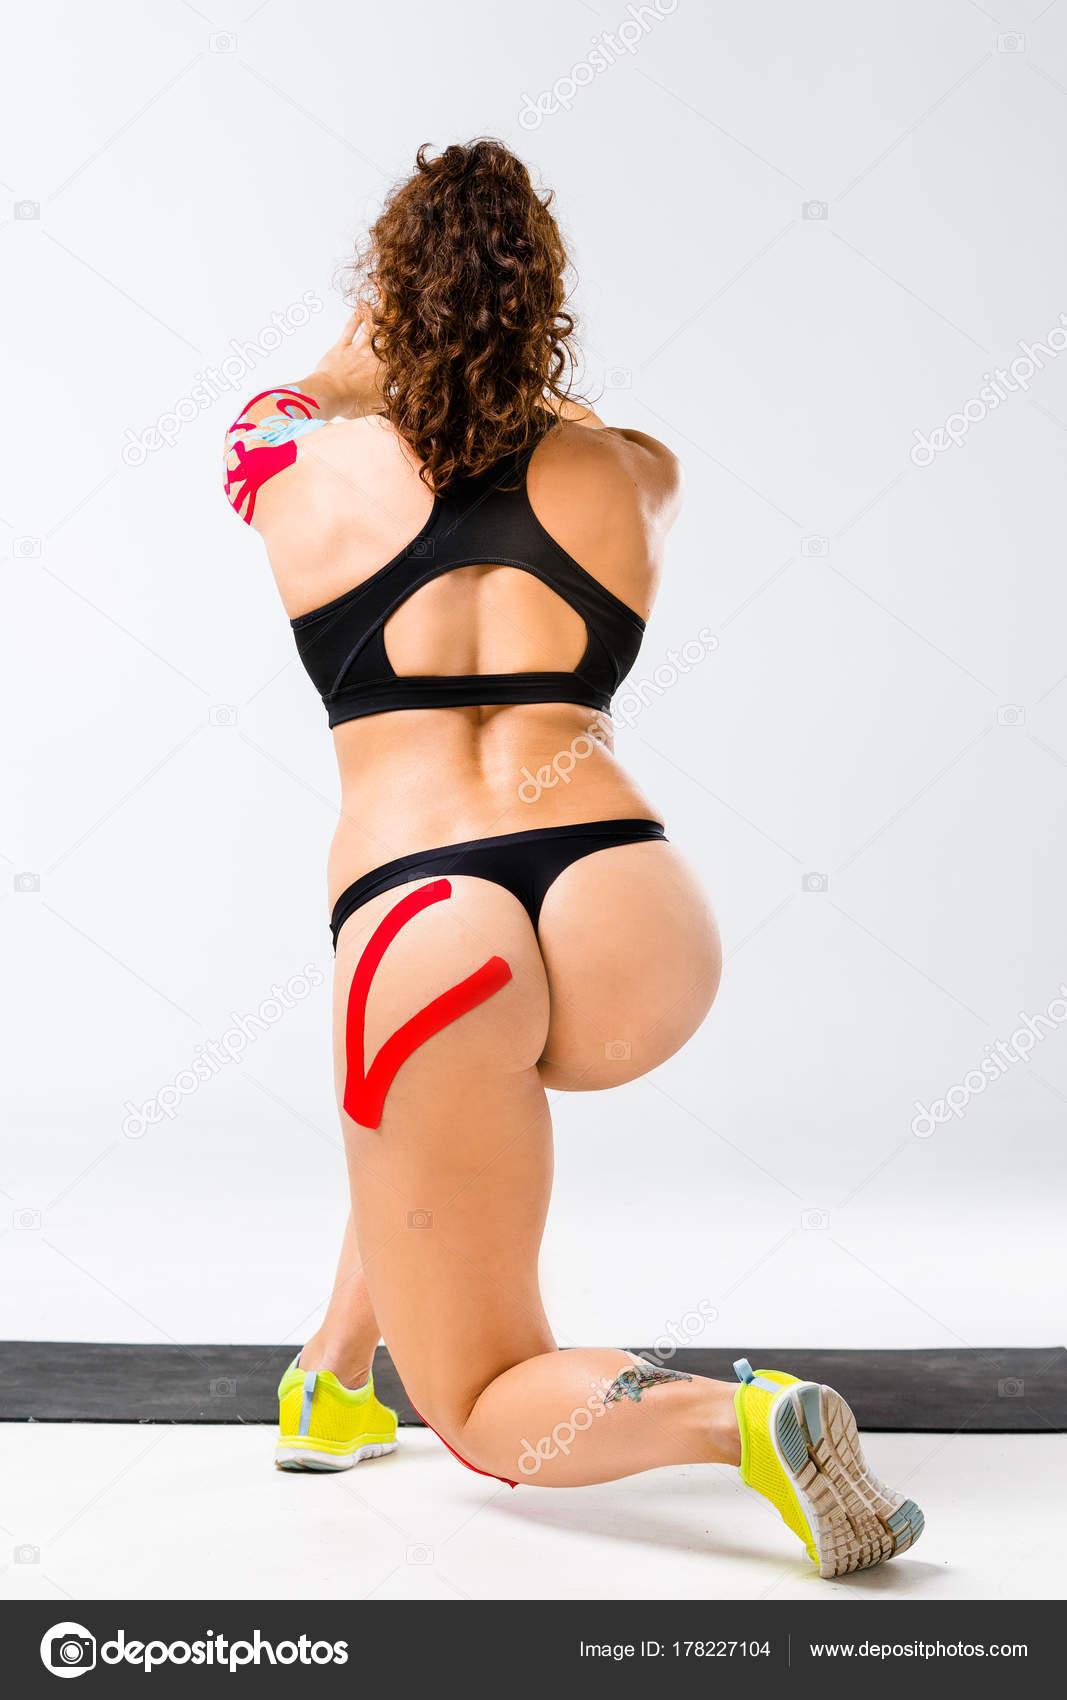 Сексуальная мускулистая спортсменка мощные бедра